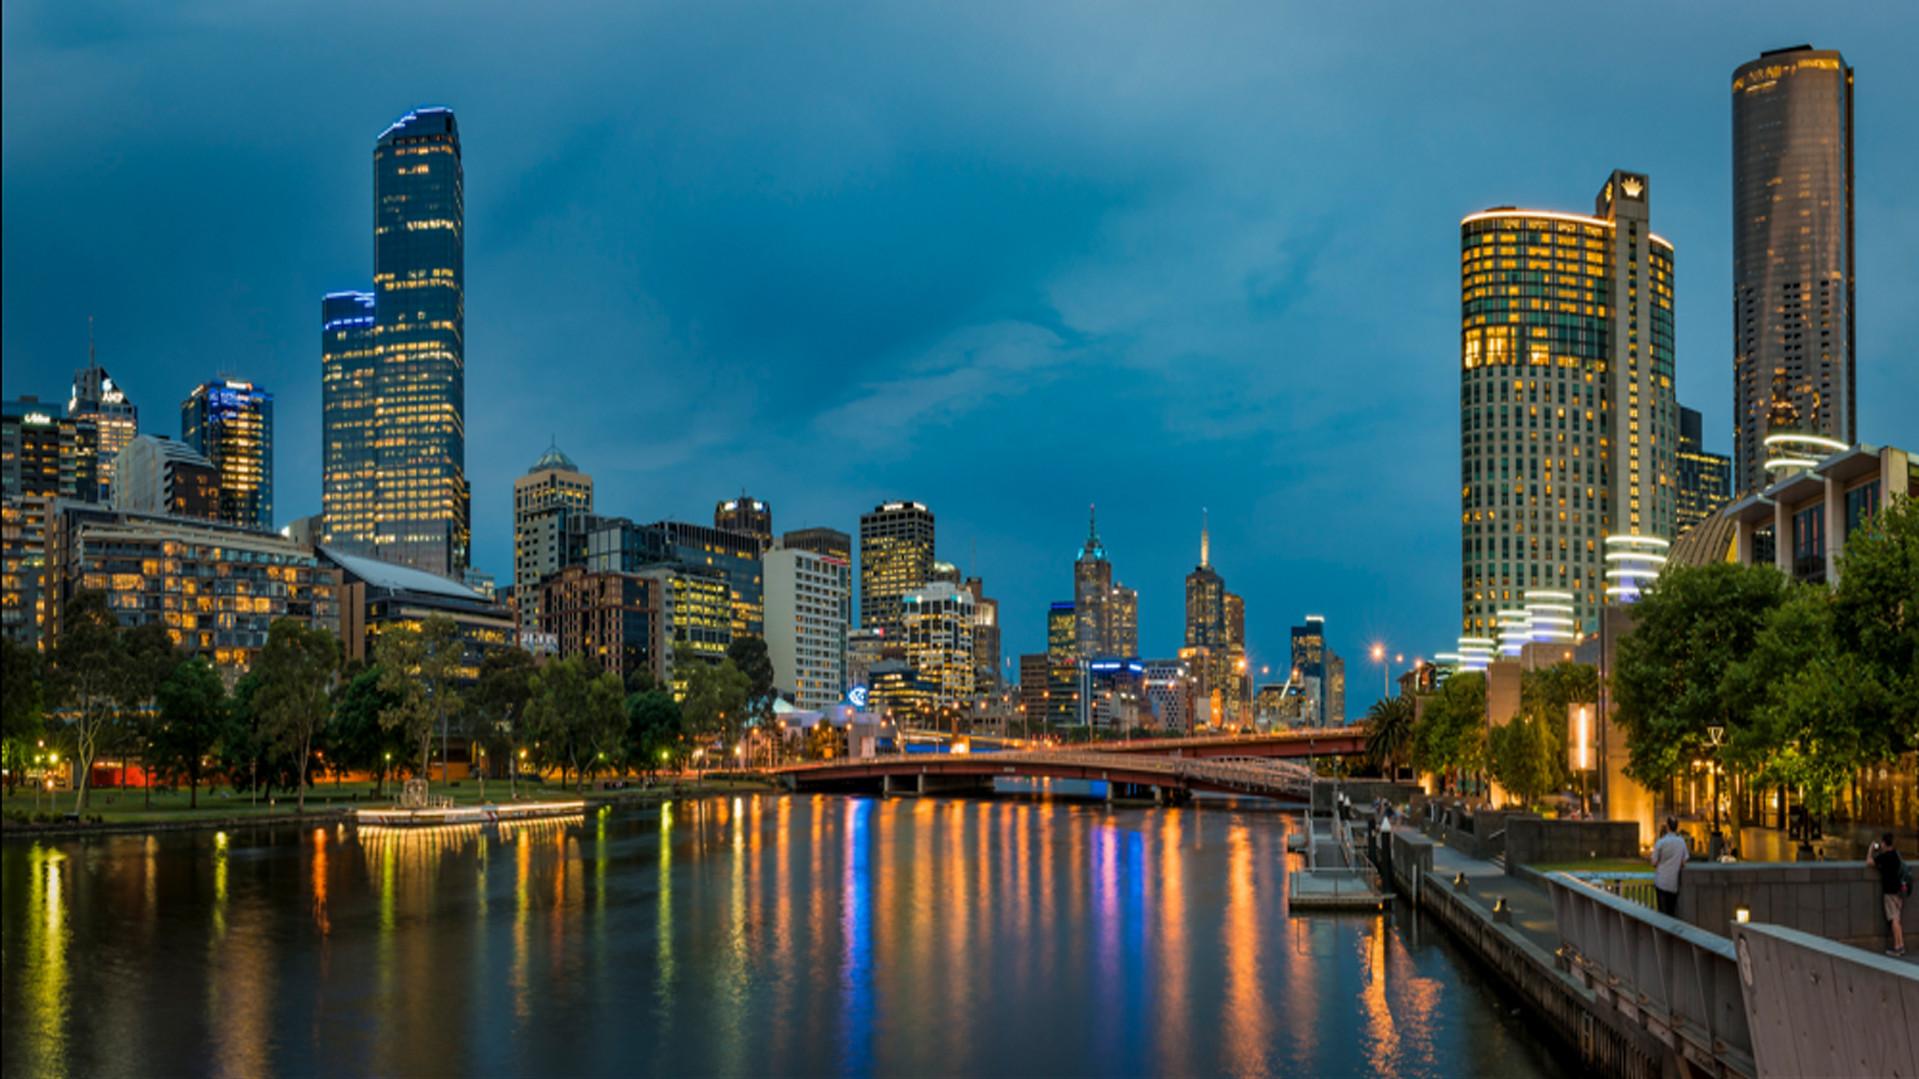 Melbourne-Images.jpg